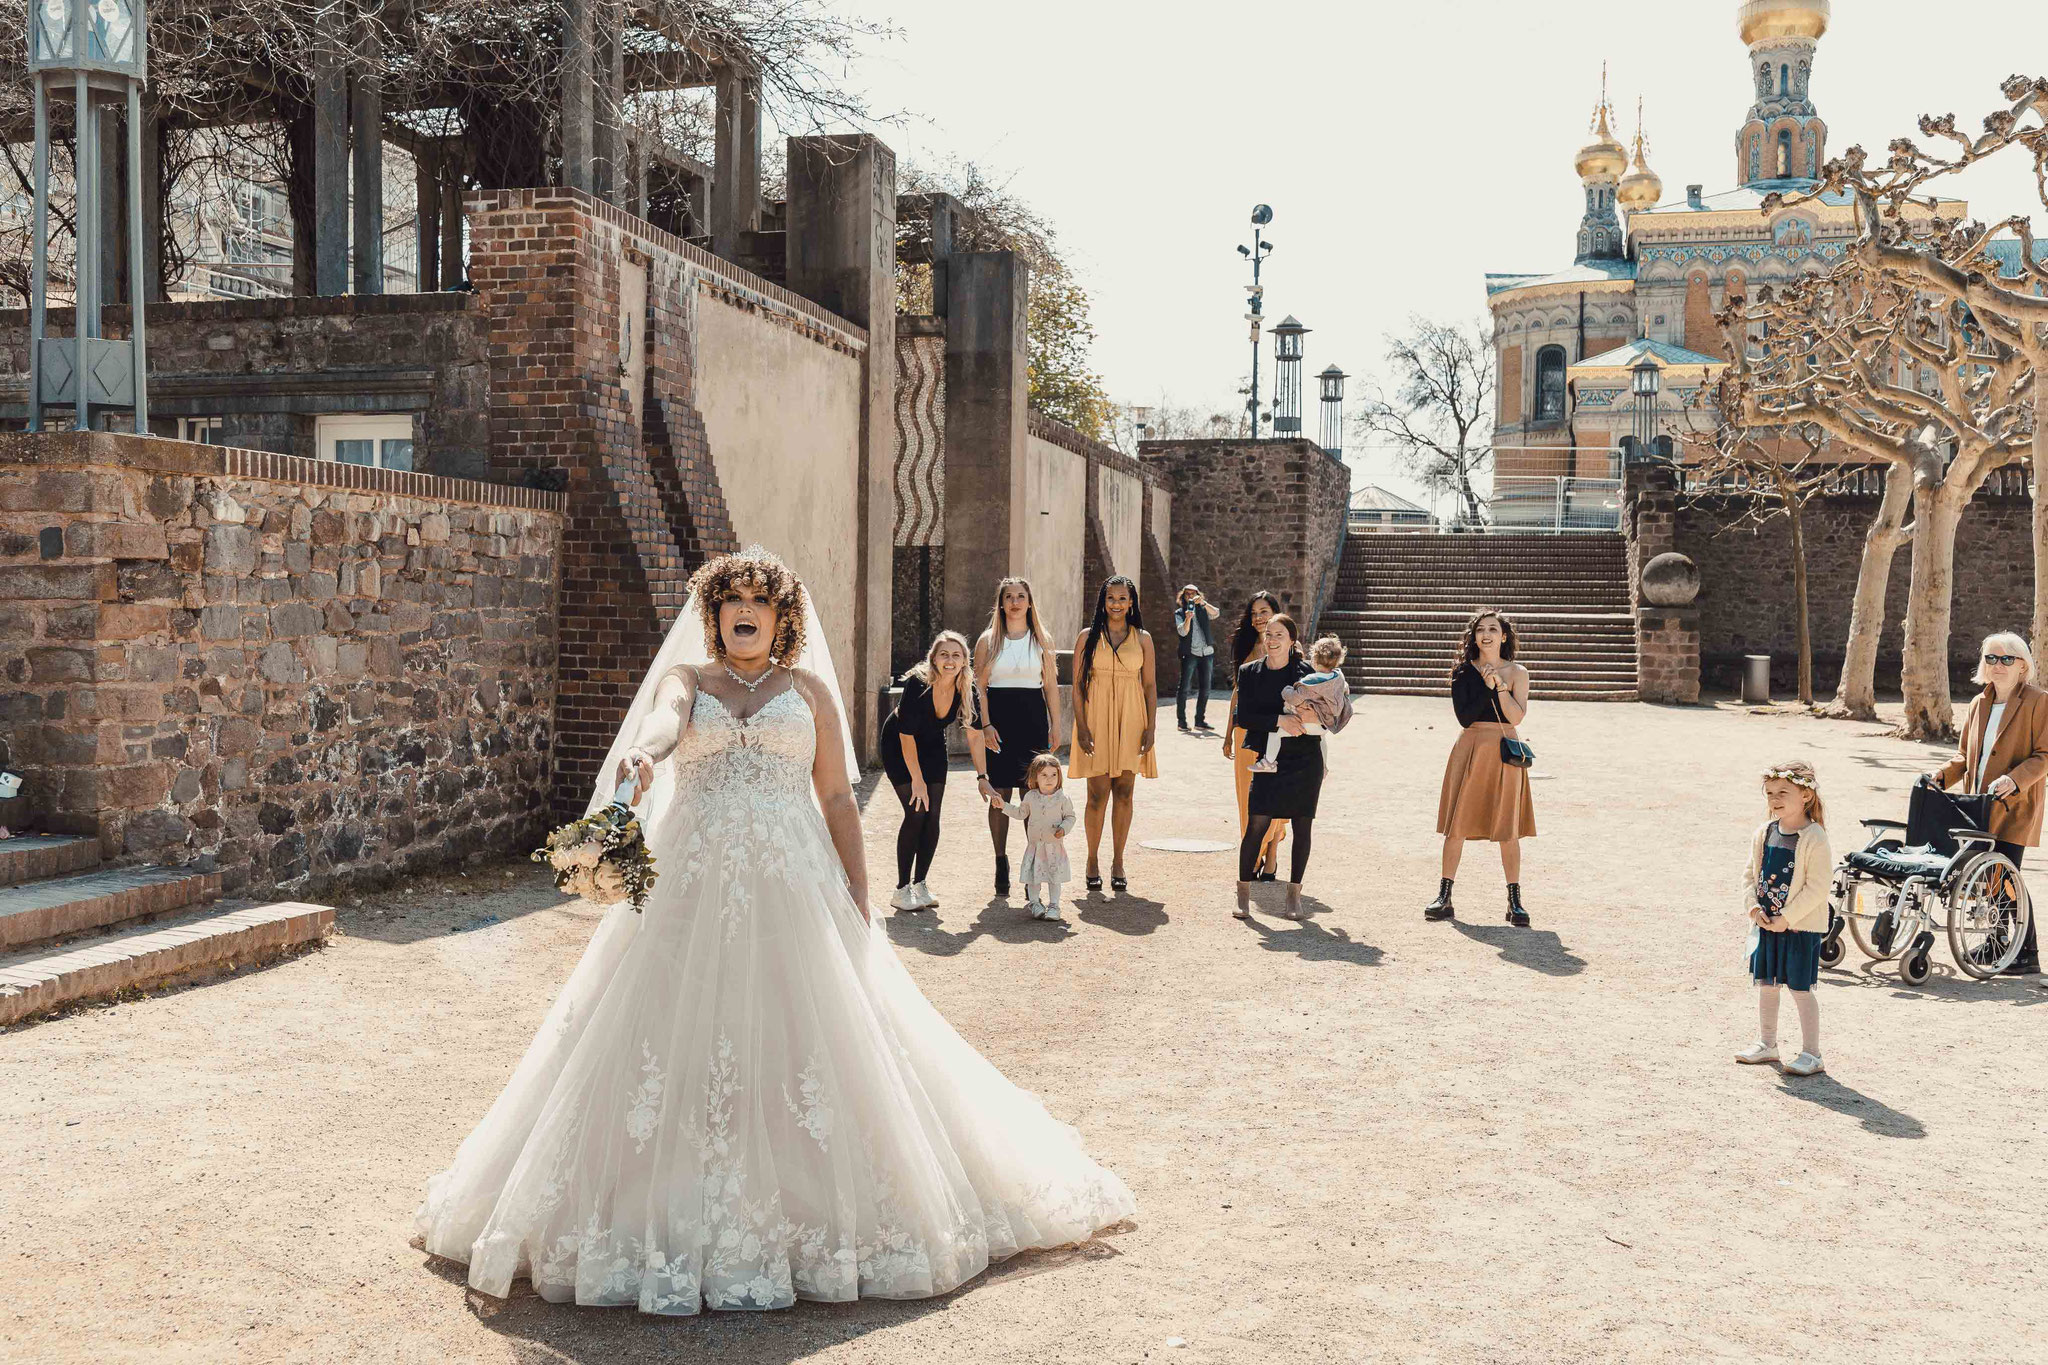 Die Braut wirft den Brautstrauß zu